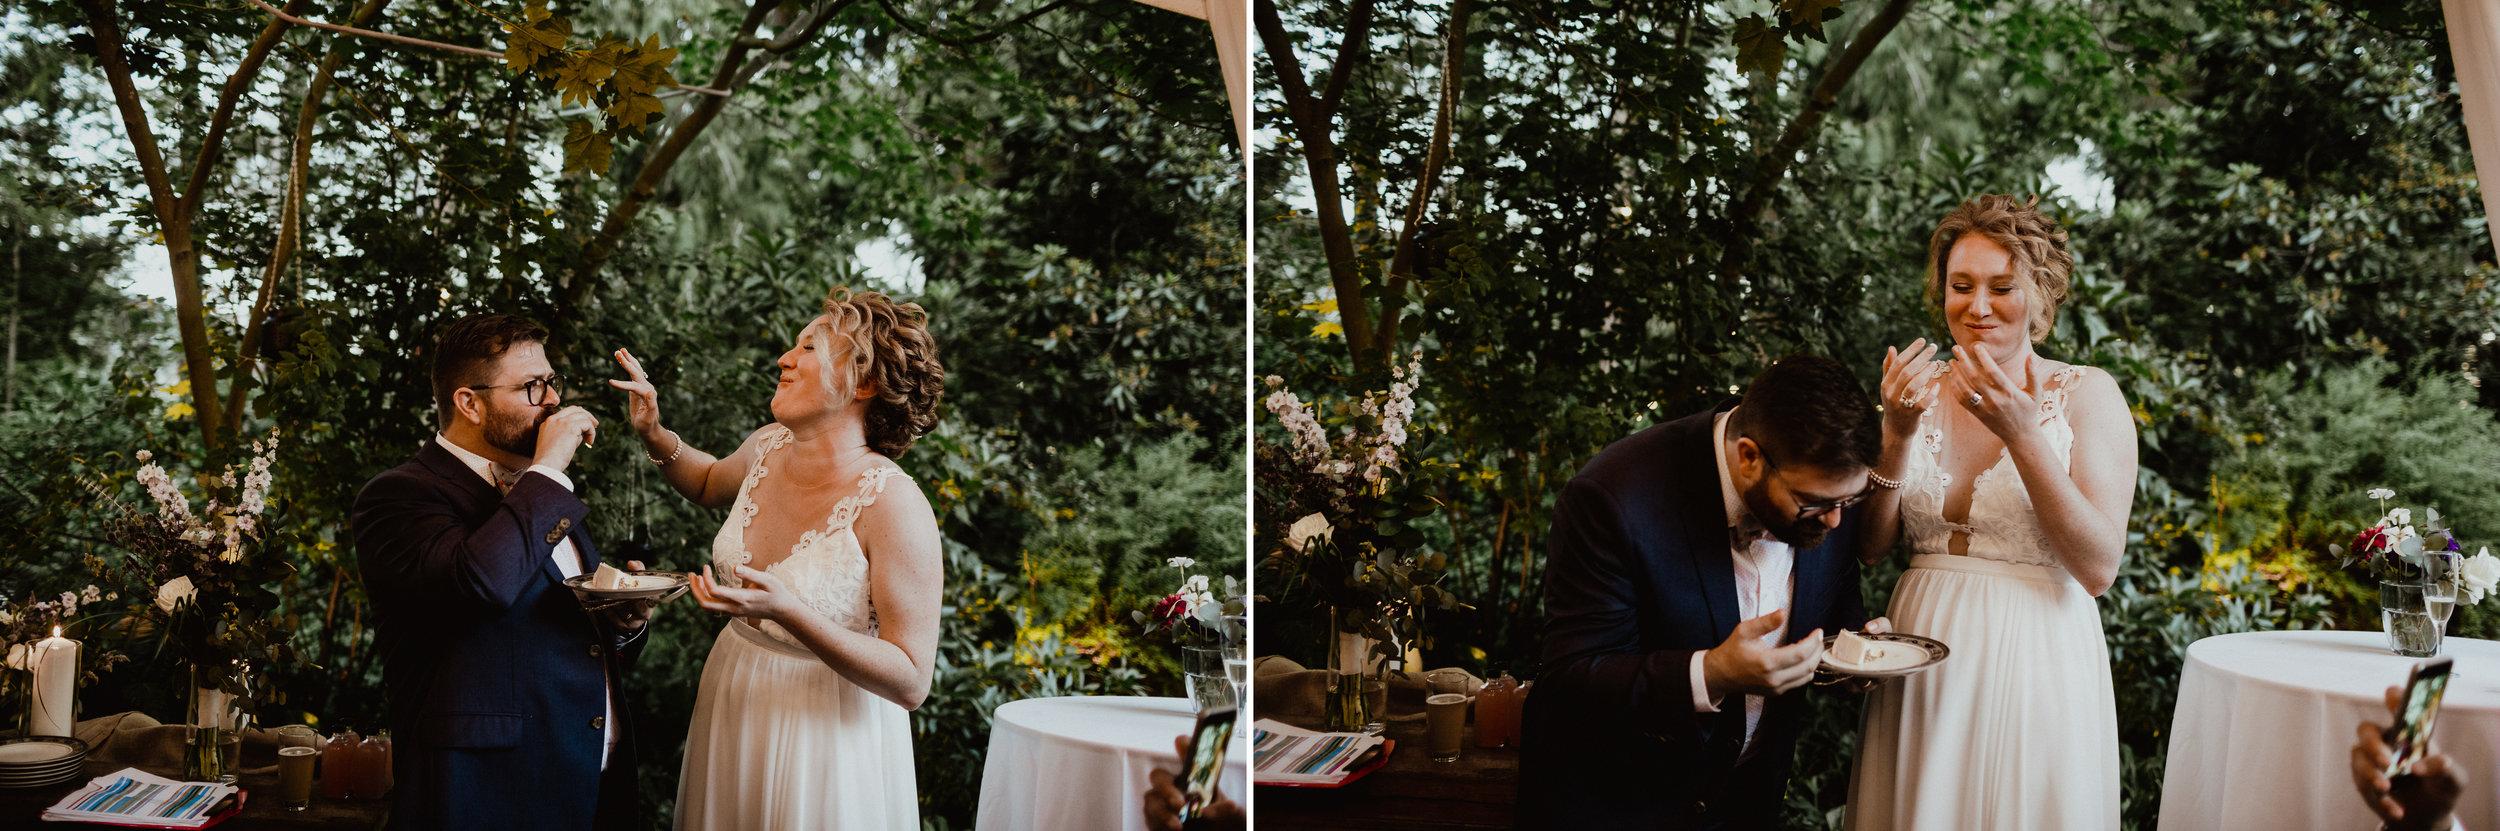 west-vancouver-backyard-wedding-273.jpg